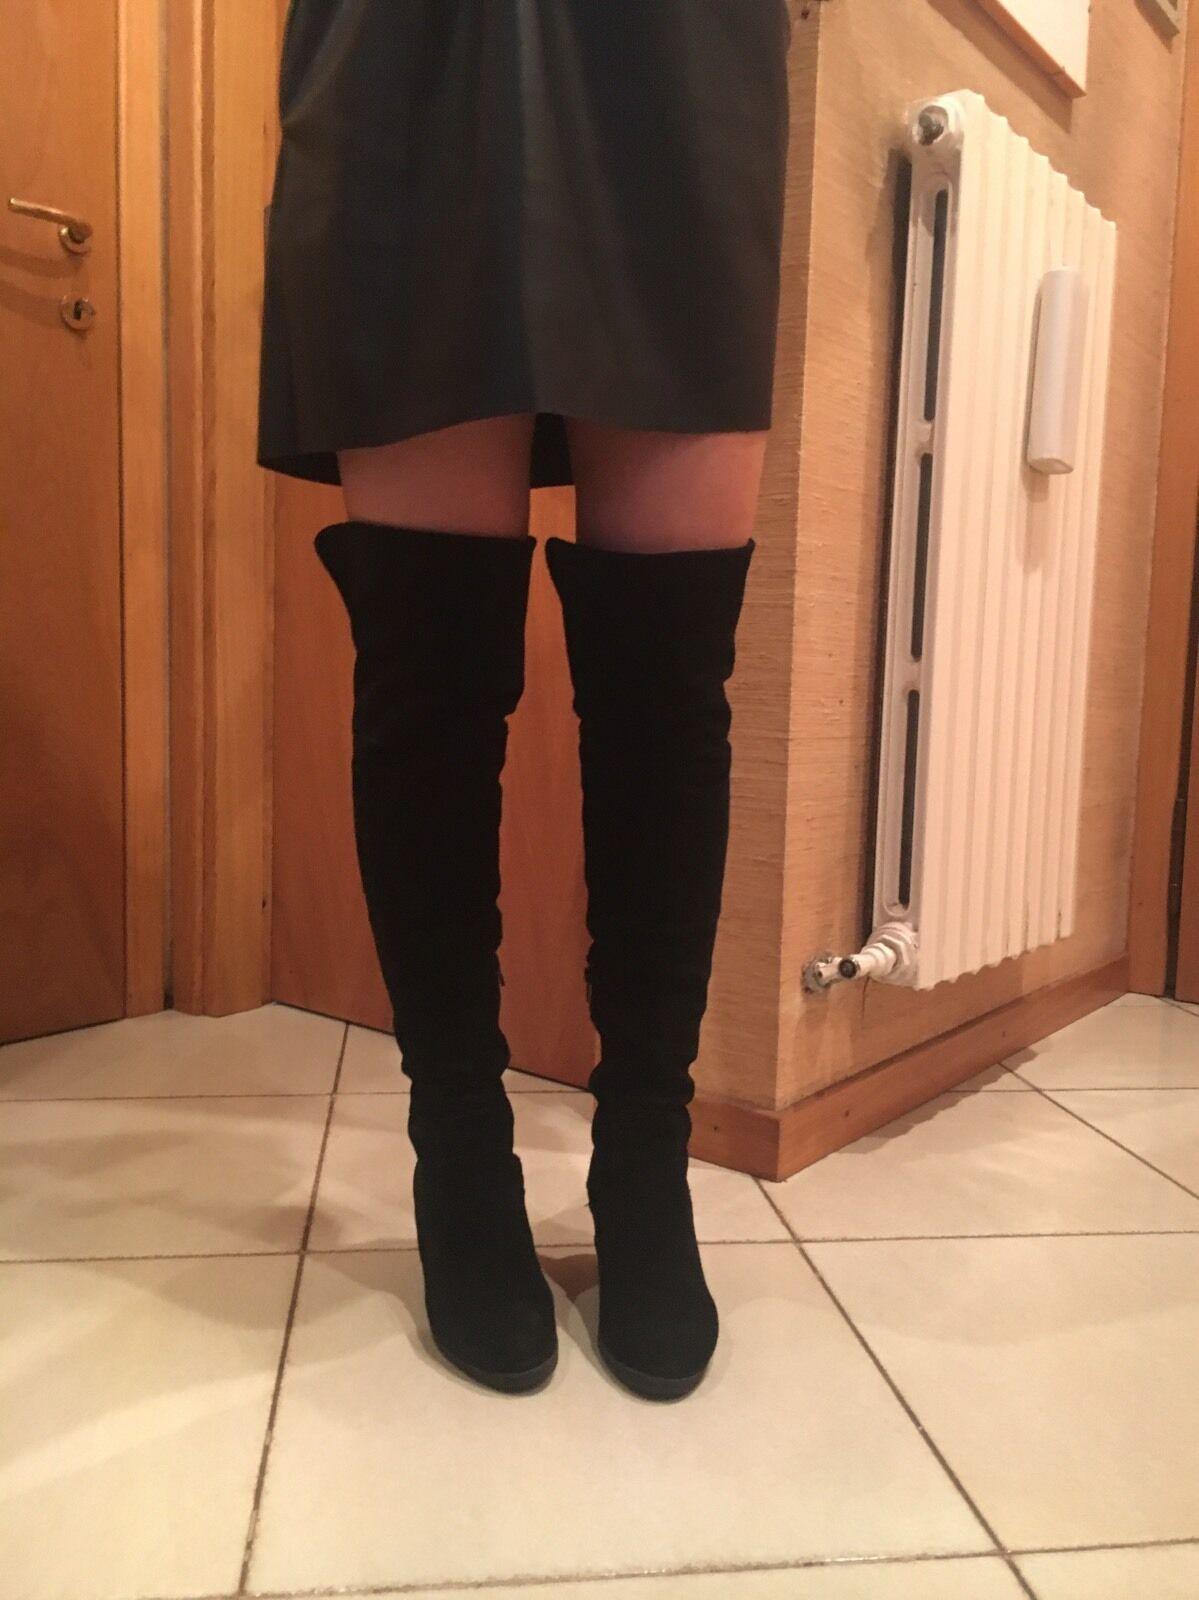 Stivali alti Steve Madden,Gli stivali da donna e classici sono popolari, economici e donna hanno dimensioni 1b6975